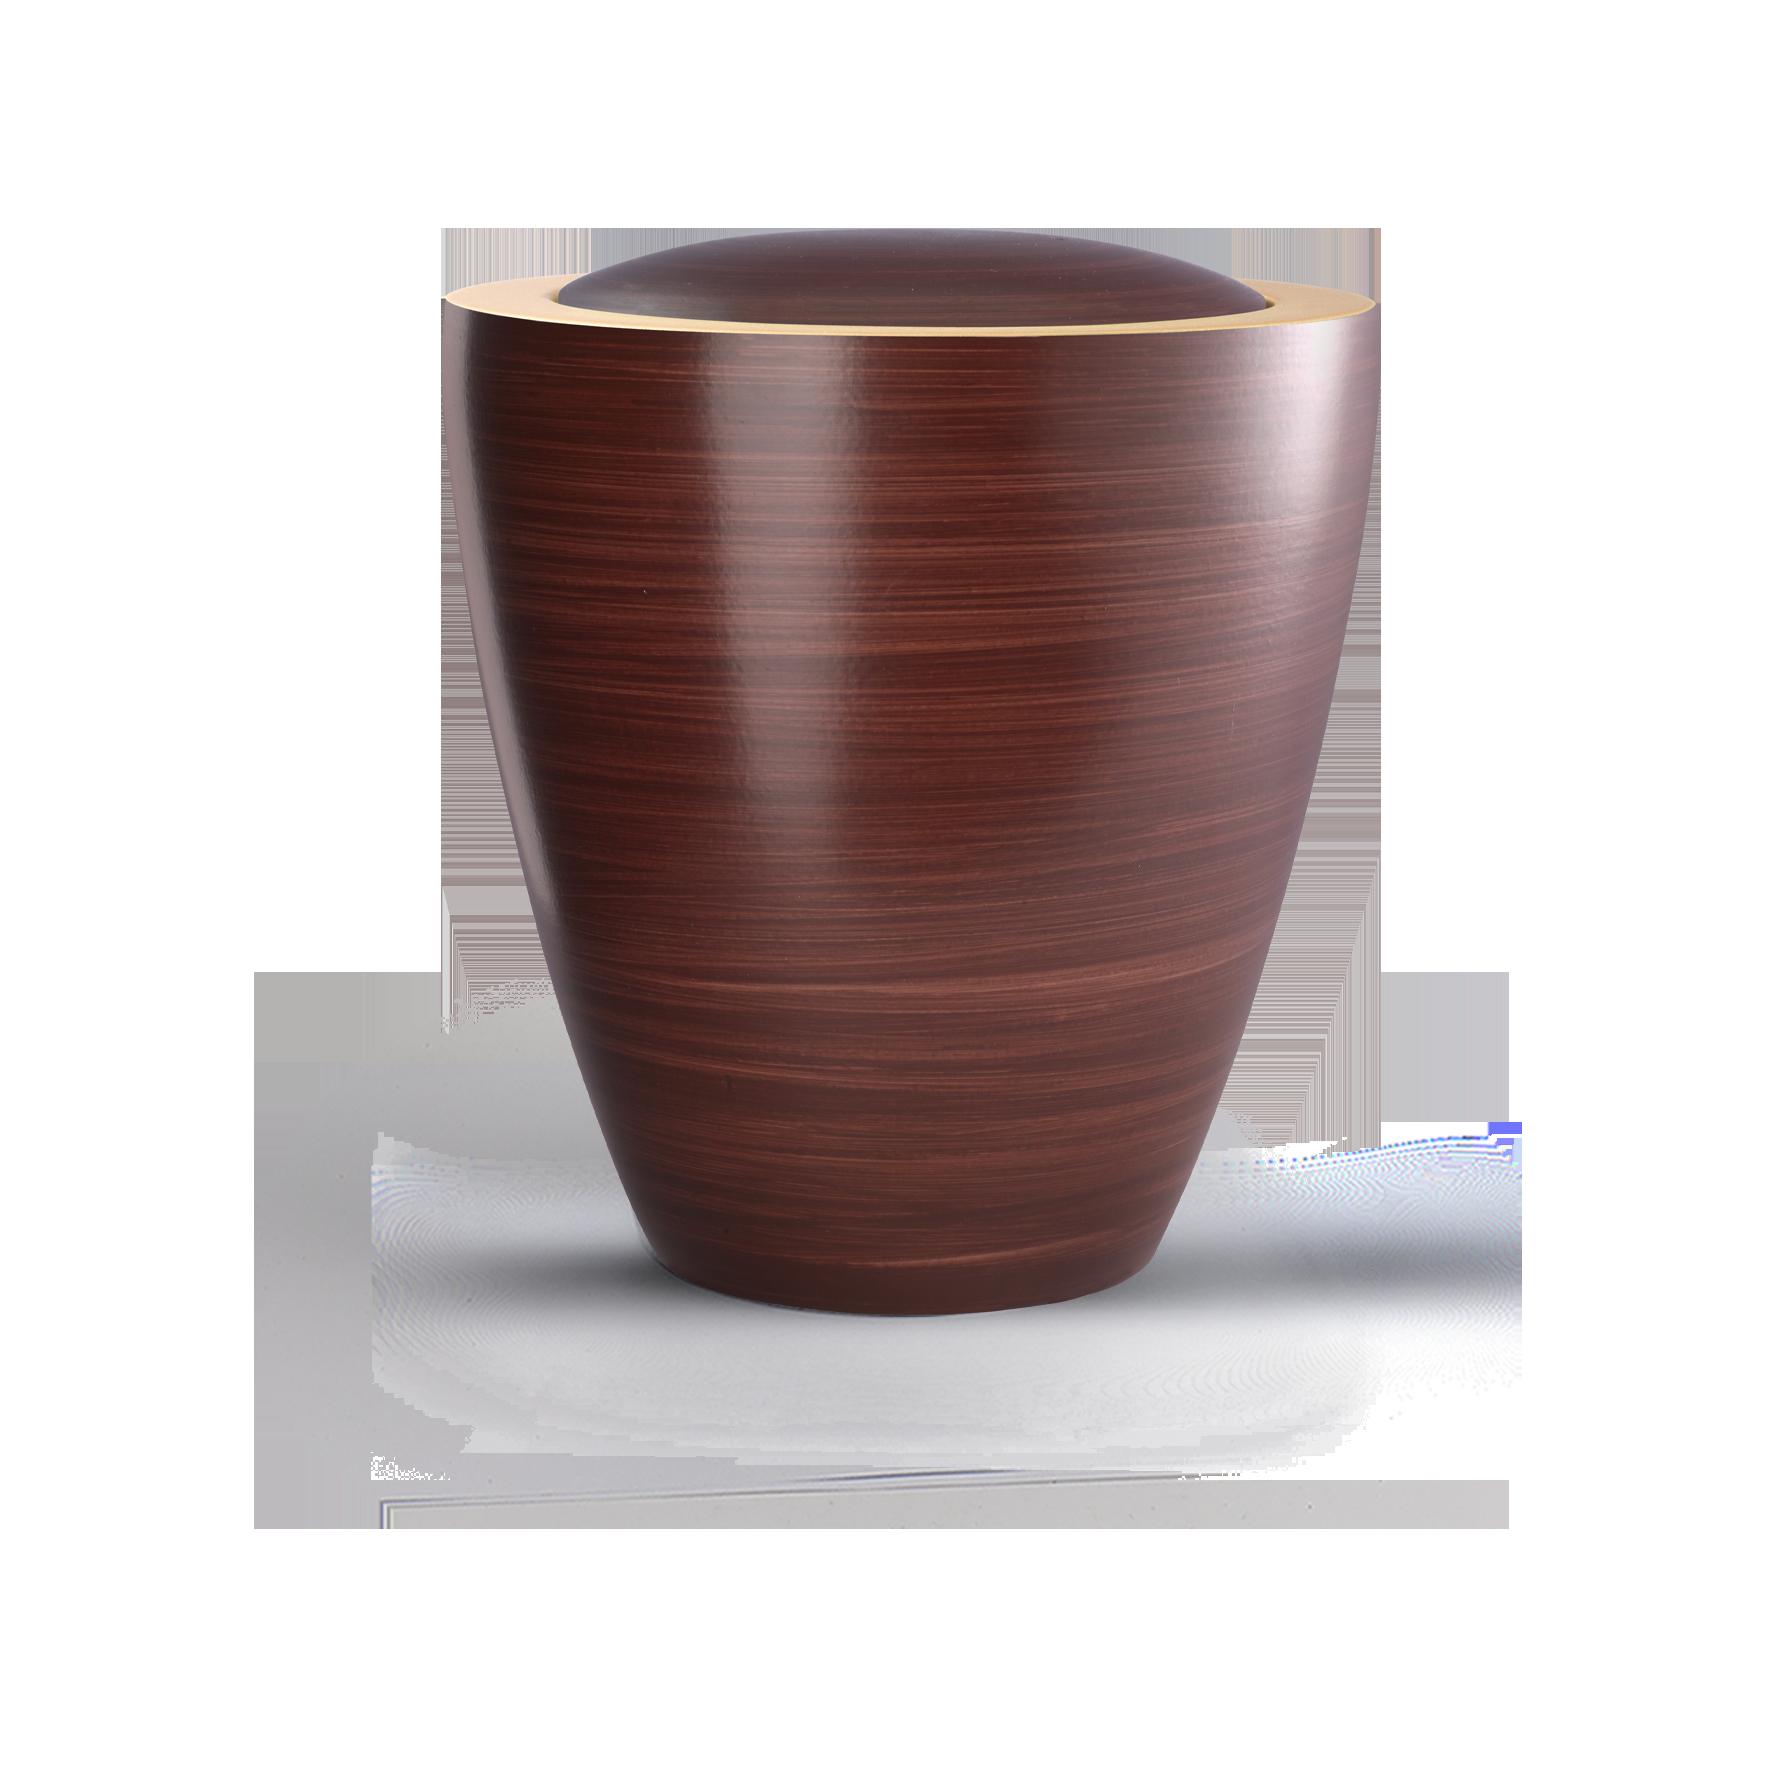 Edition Rustica Ceramica